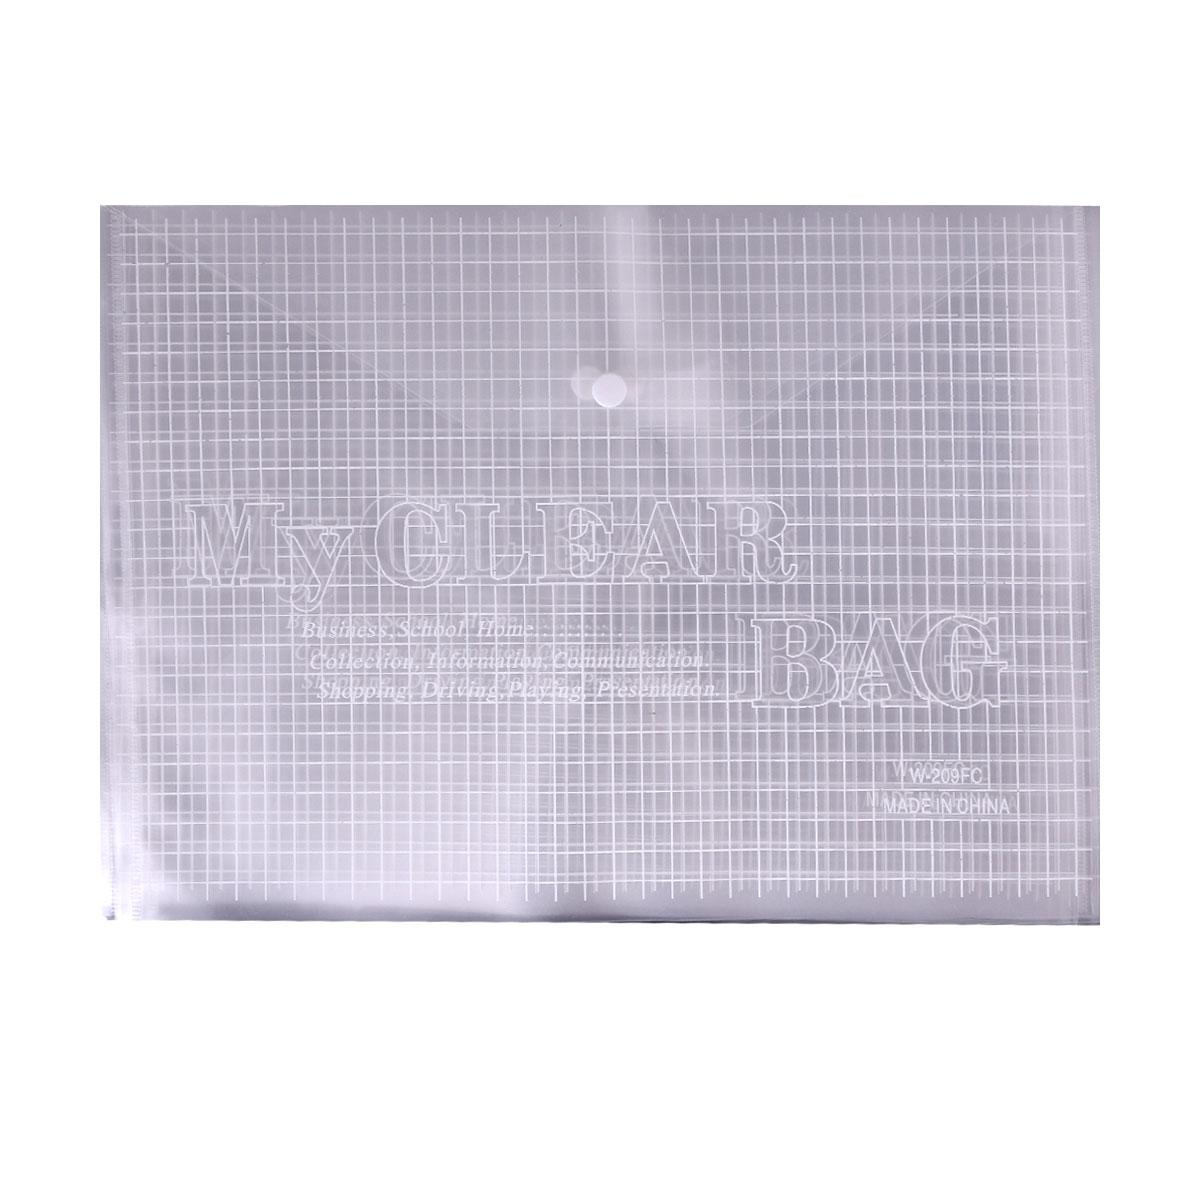 ملف بلاستيكي طقطق لحفظ الاوراق شفاف رقم 20472